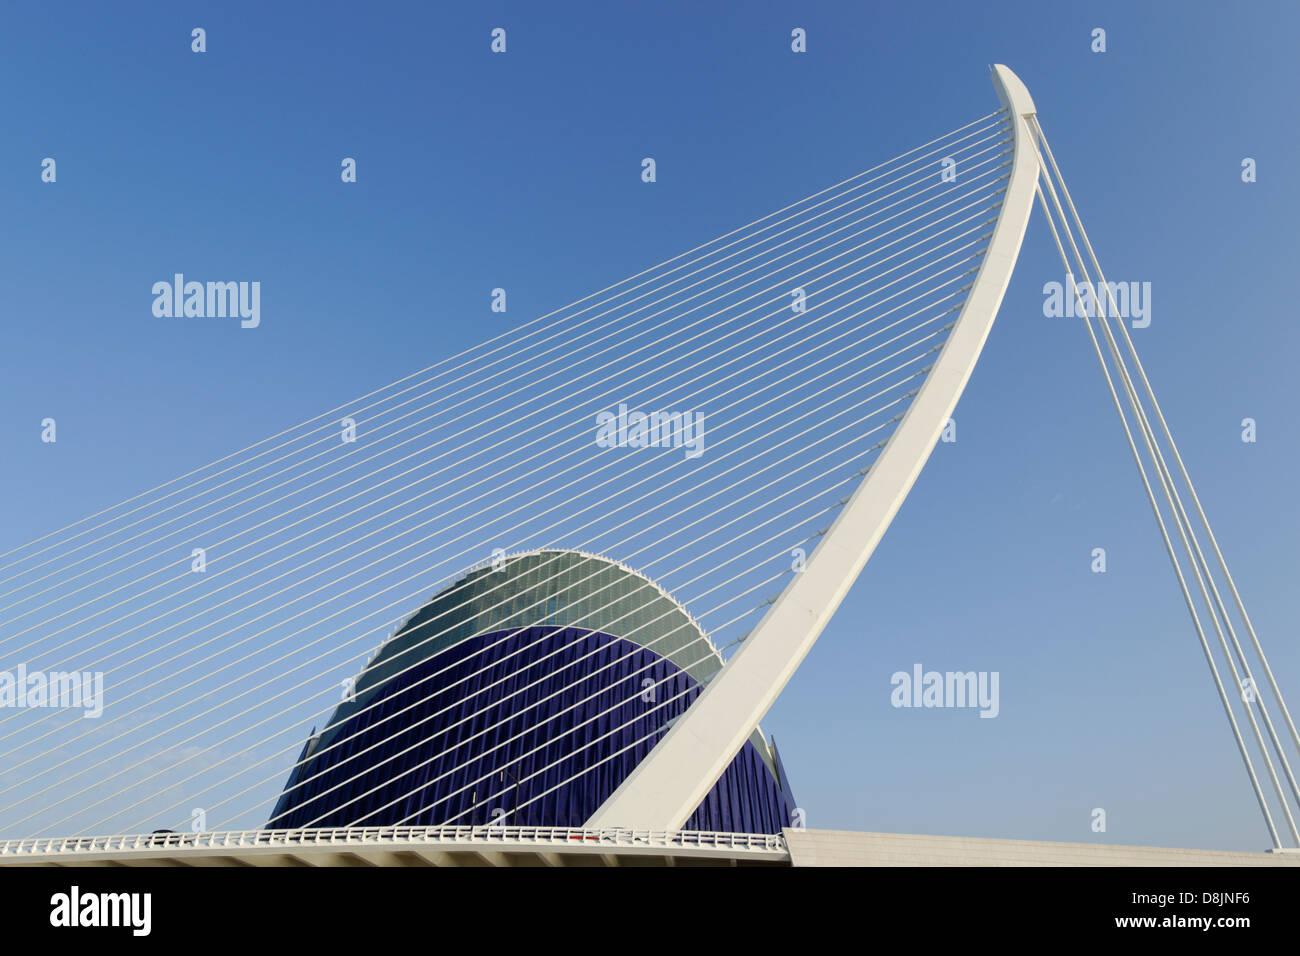 Puente de l'Assut de l ' or und Agora, Stadt der Künste und Wissenschaften, Valencia, Spanien Stockbild